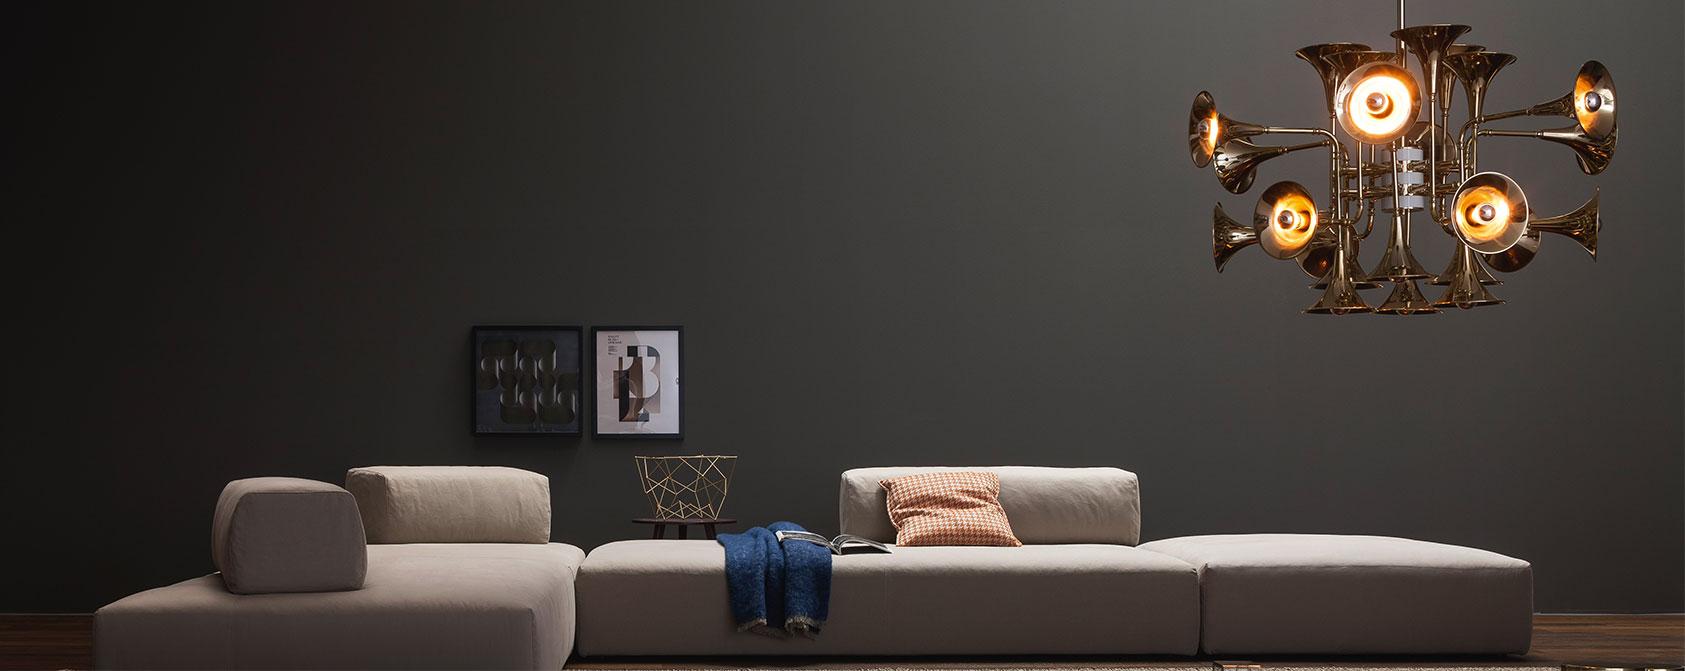 10 Luxury Rooms with lighting Golden Details